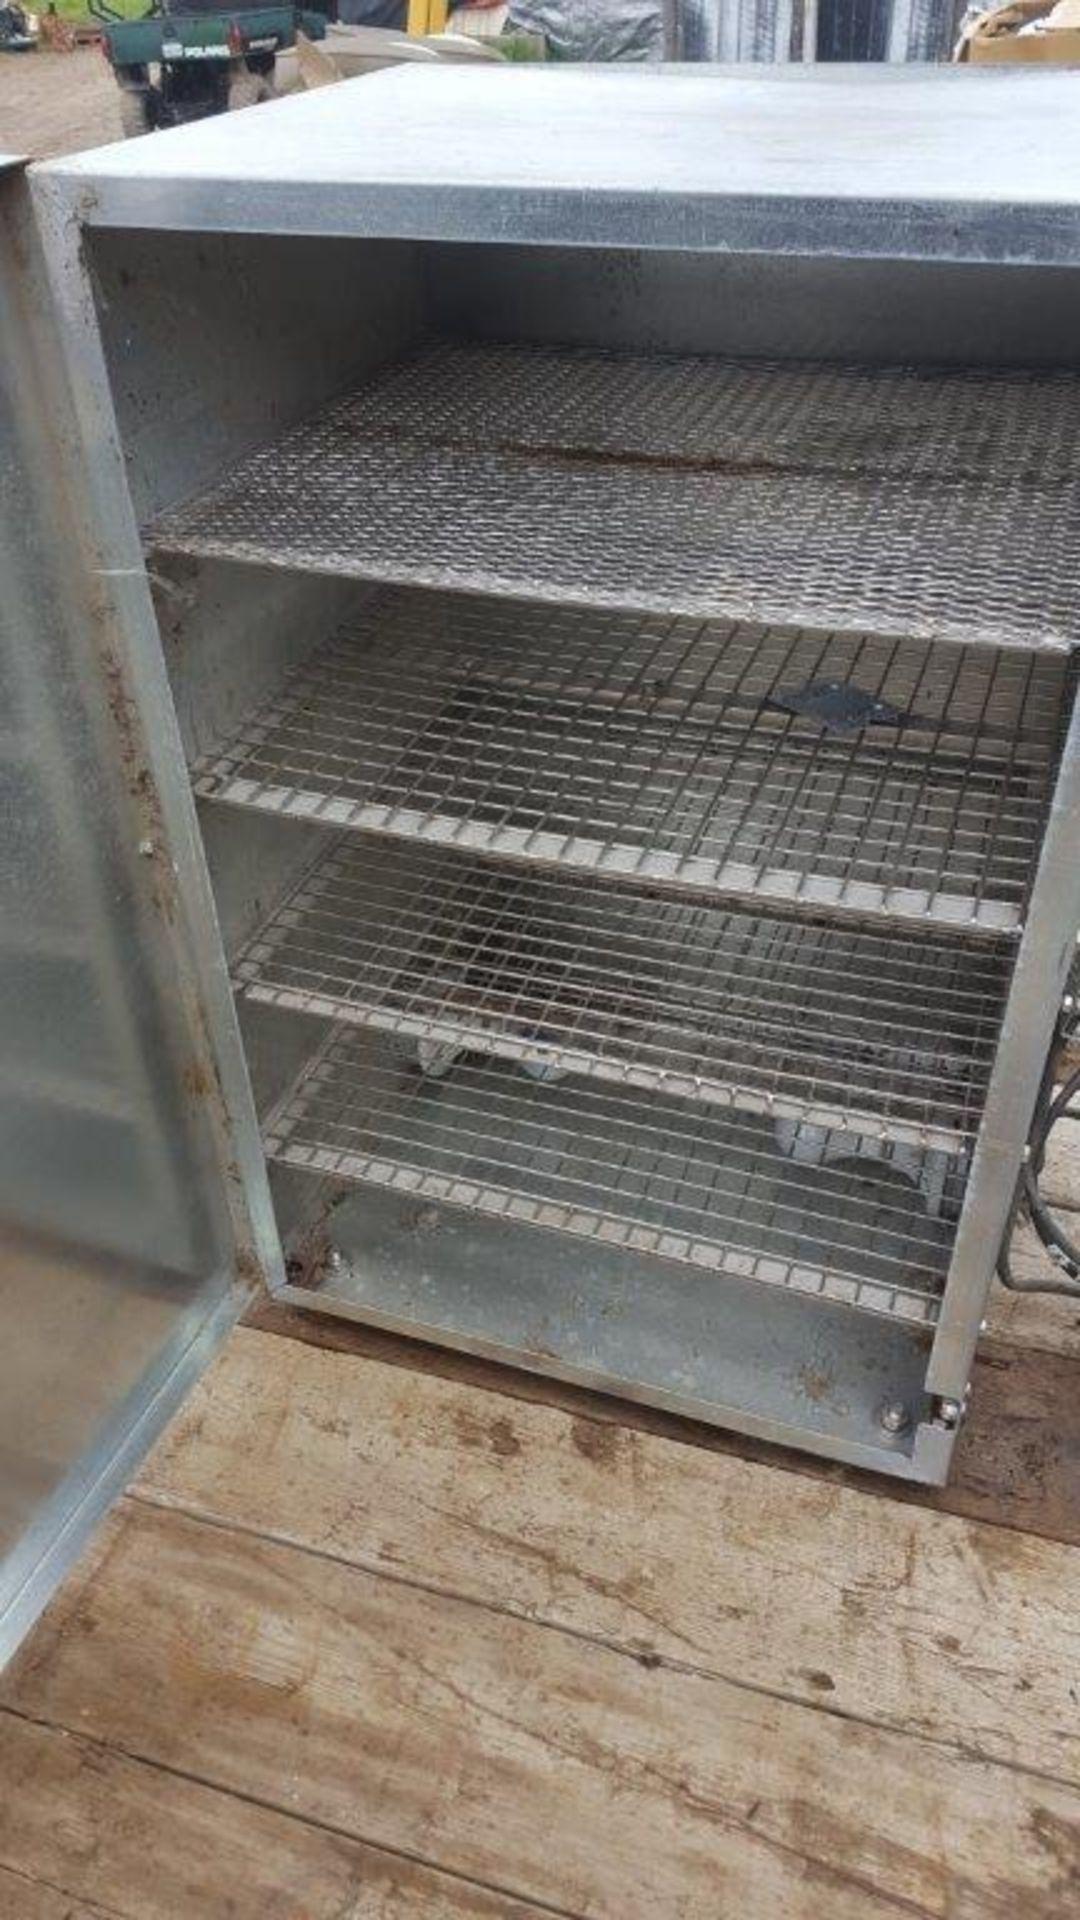 Lot 370 - Welding electrode oven 120v